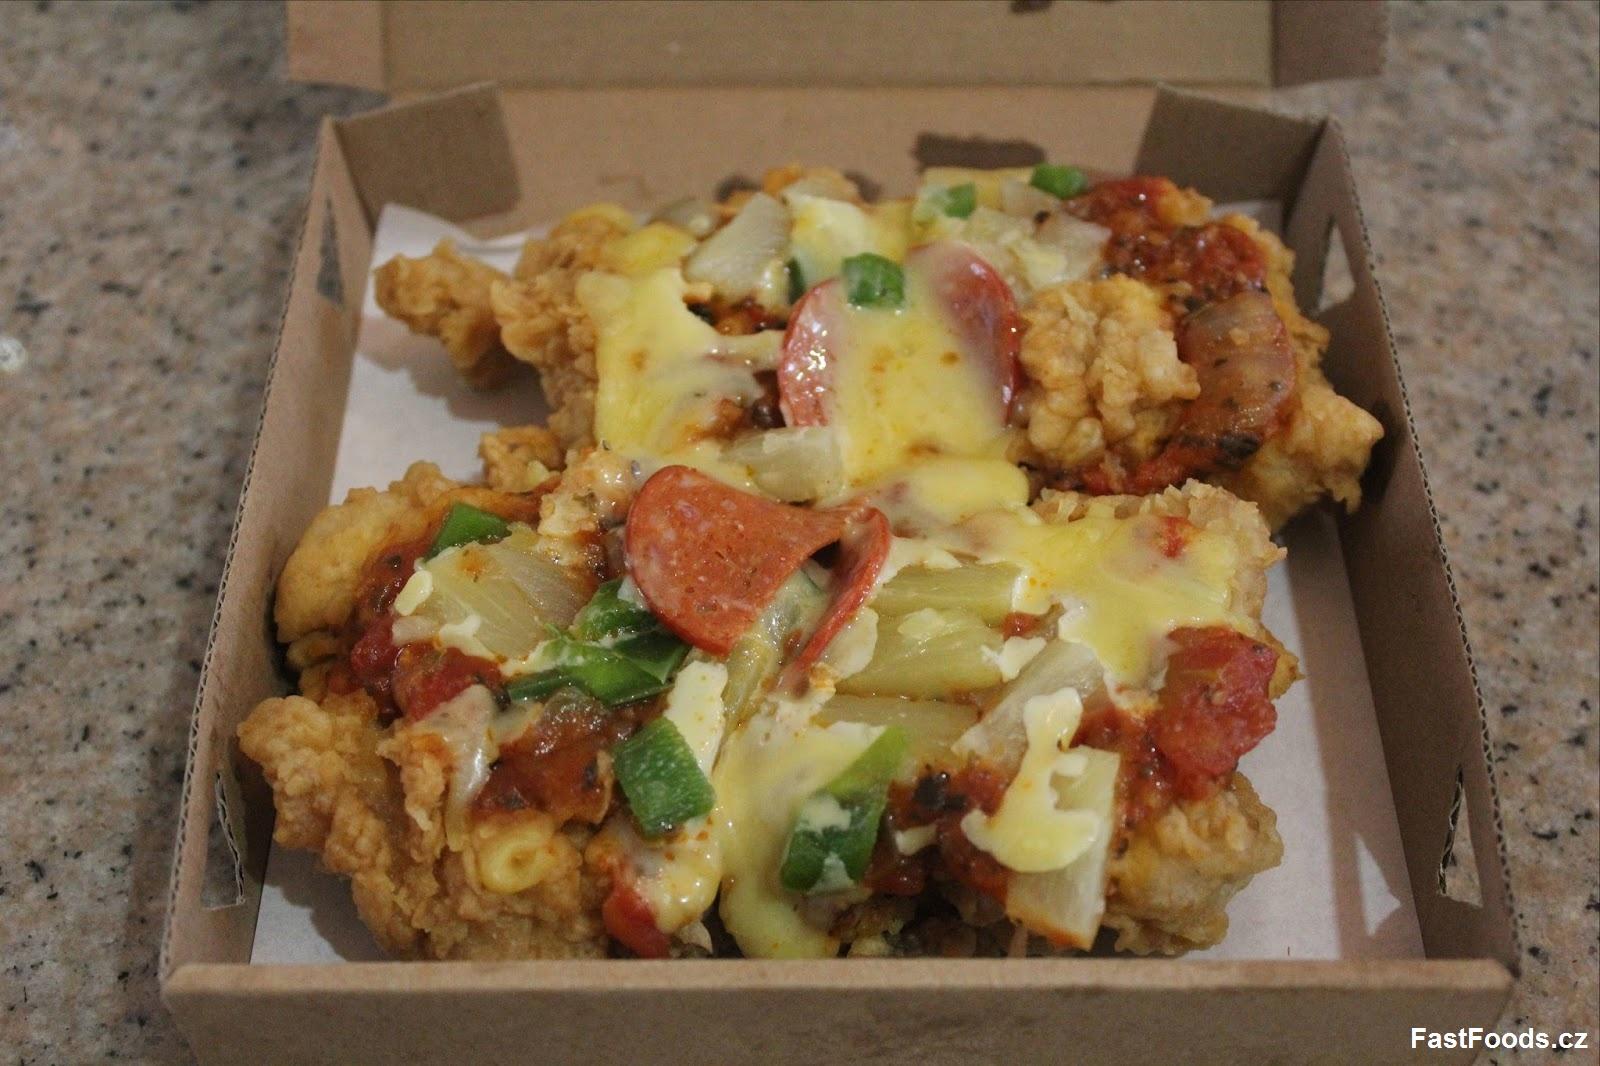 Chizza KFC